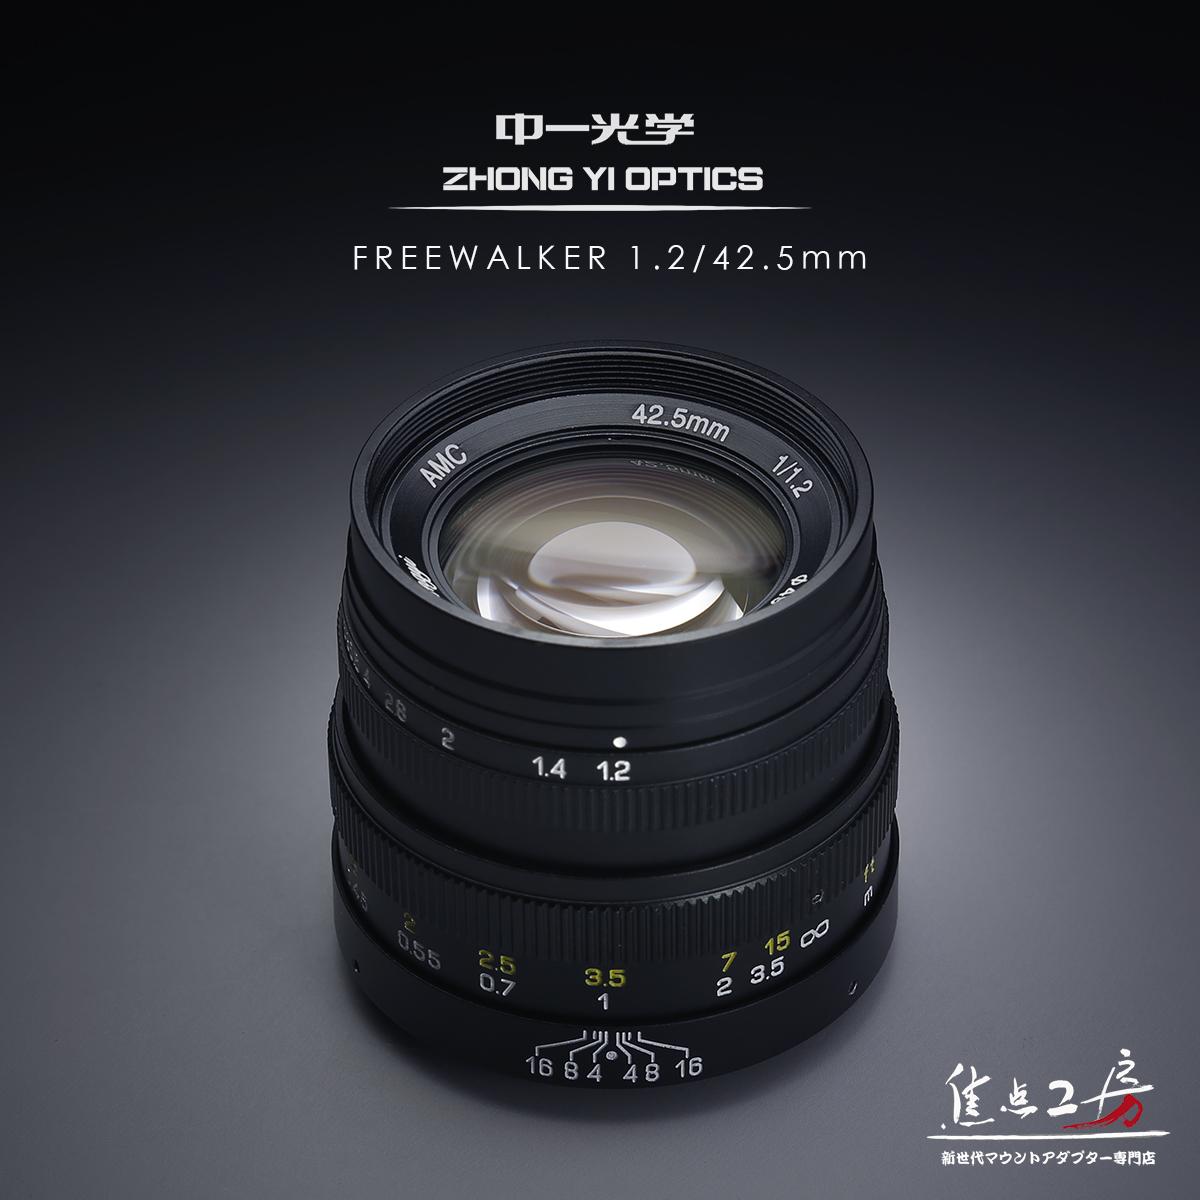 中一光学│ZHONG YI OPTICS FREEWALKER 42.5mm F1.2 - マイクロフォーサーズマウント 単焦点レンズ